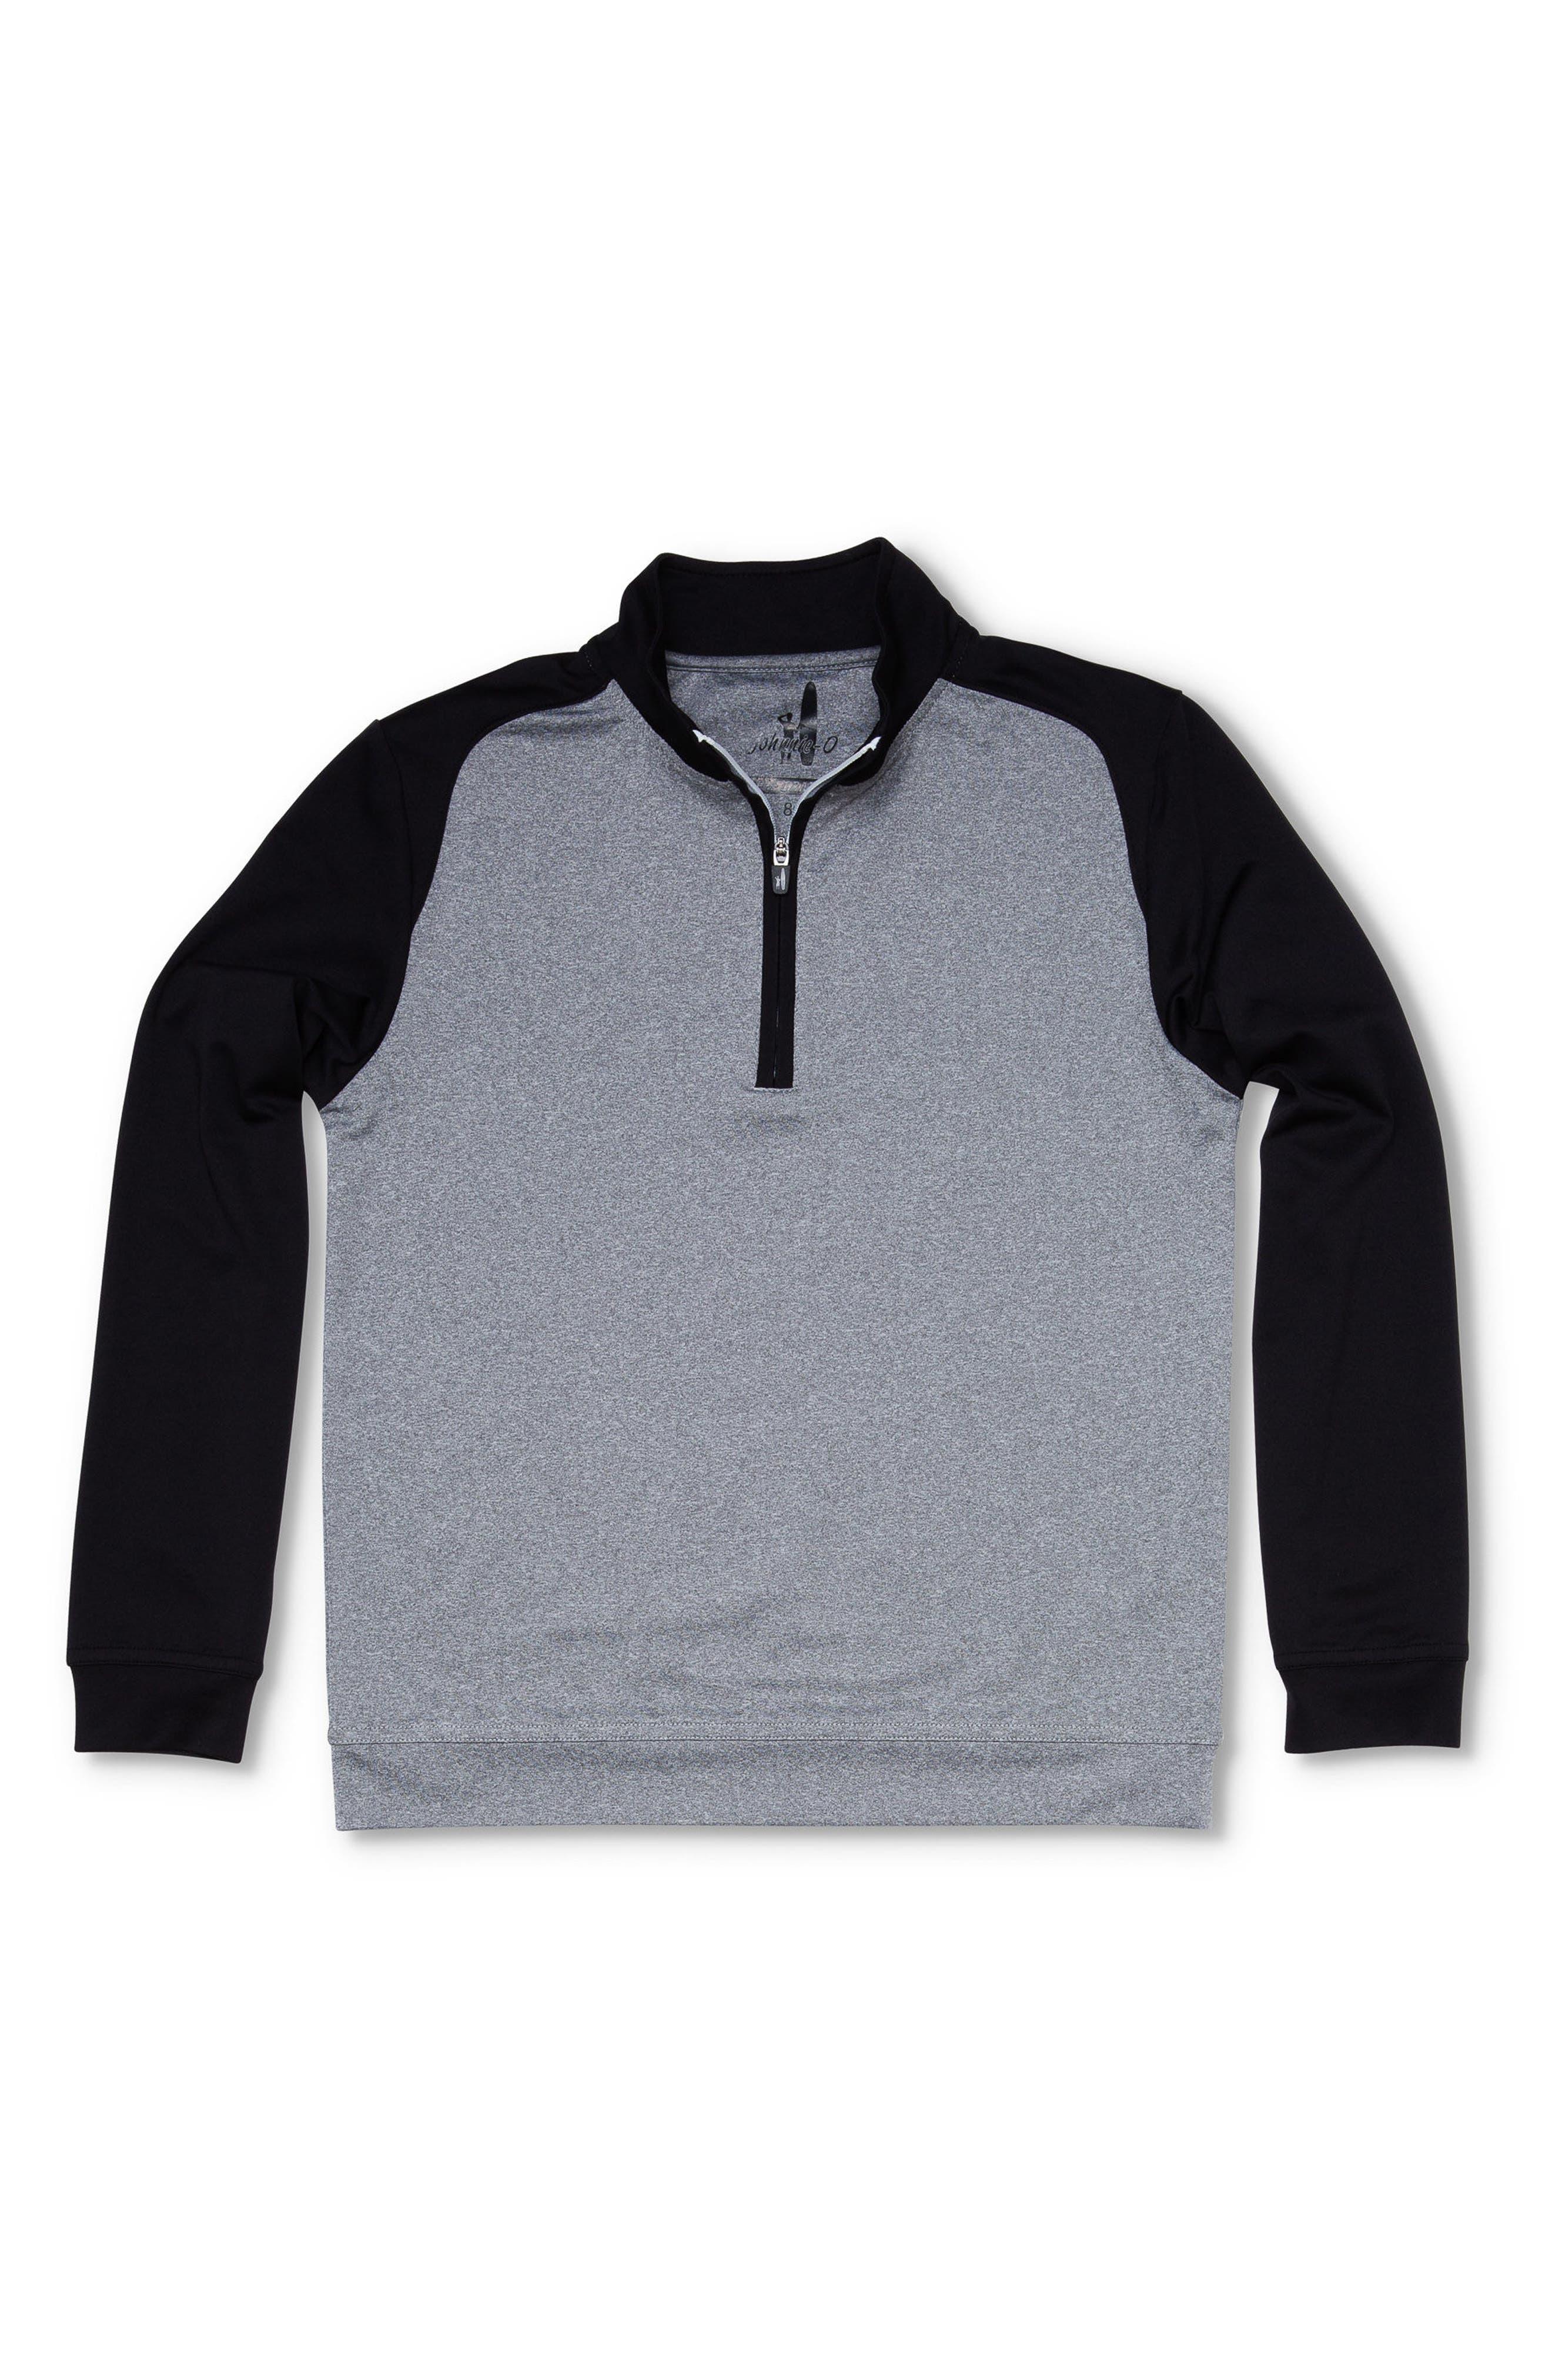 Sway Quarter Zip Pullover,                         Main,                         color, Grey/ Black